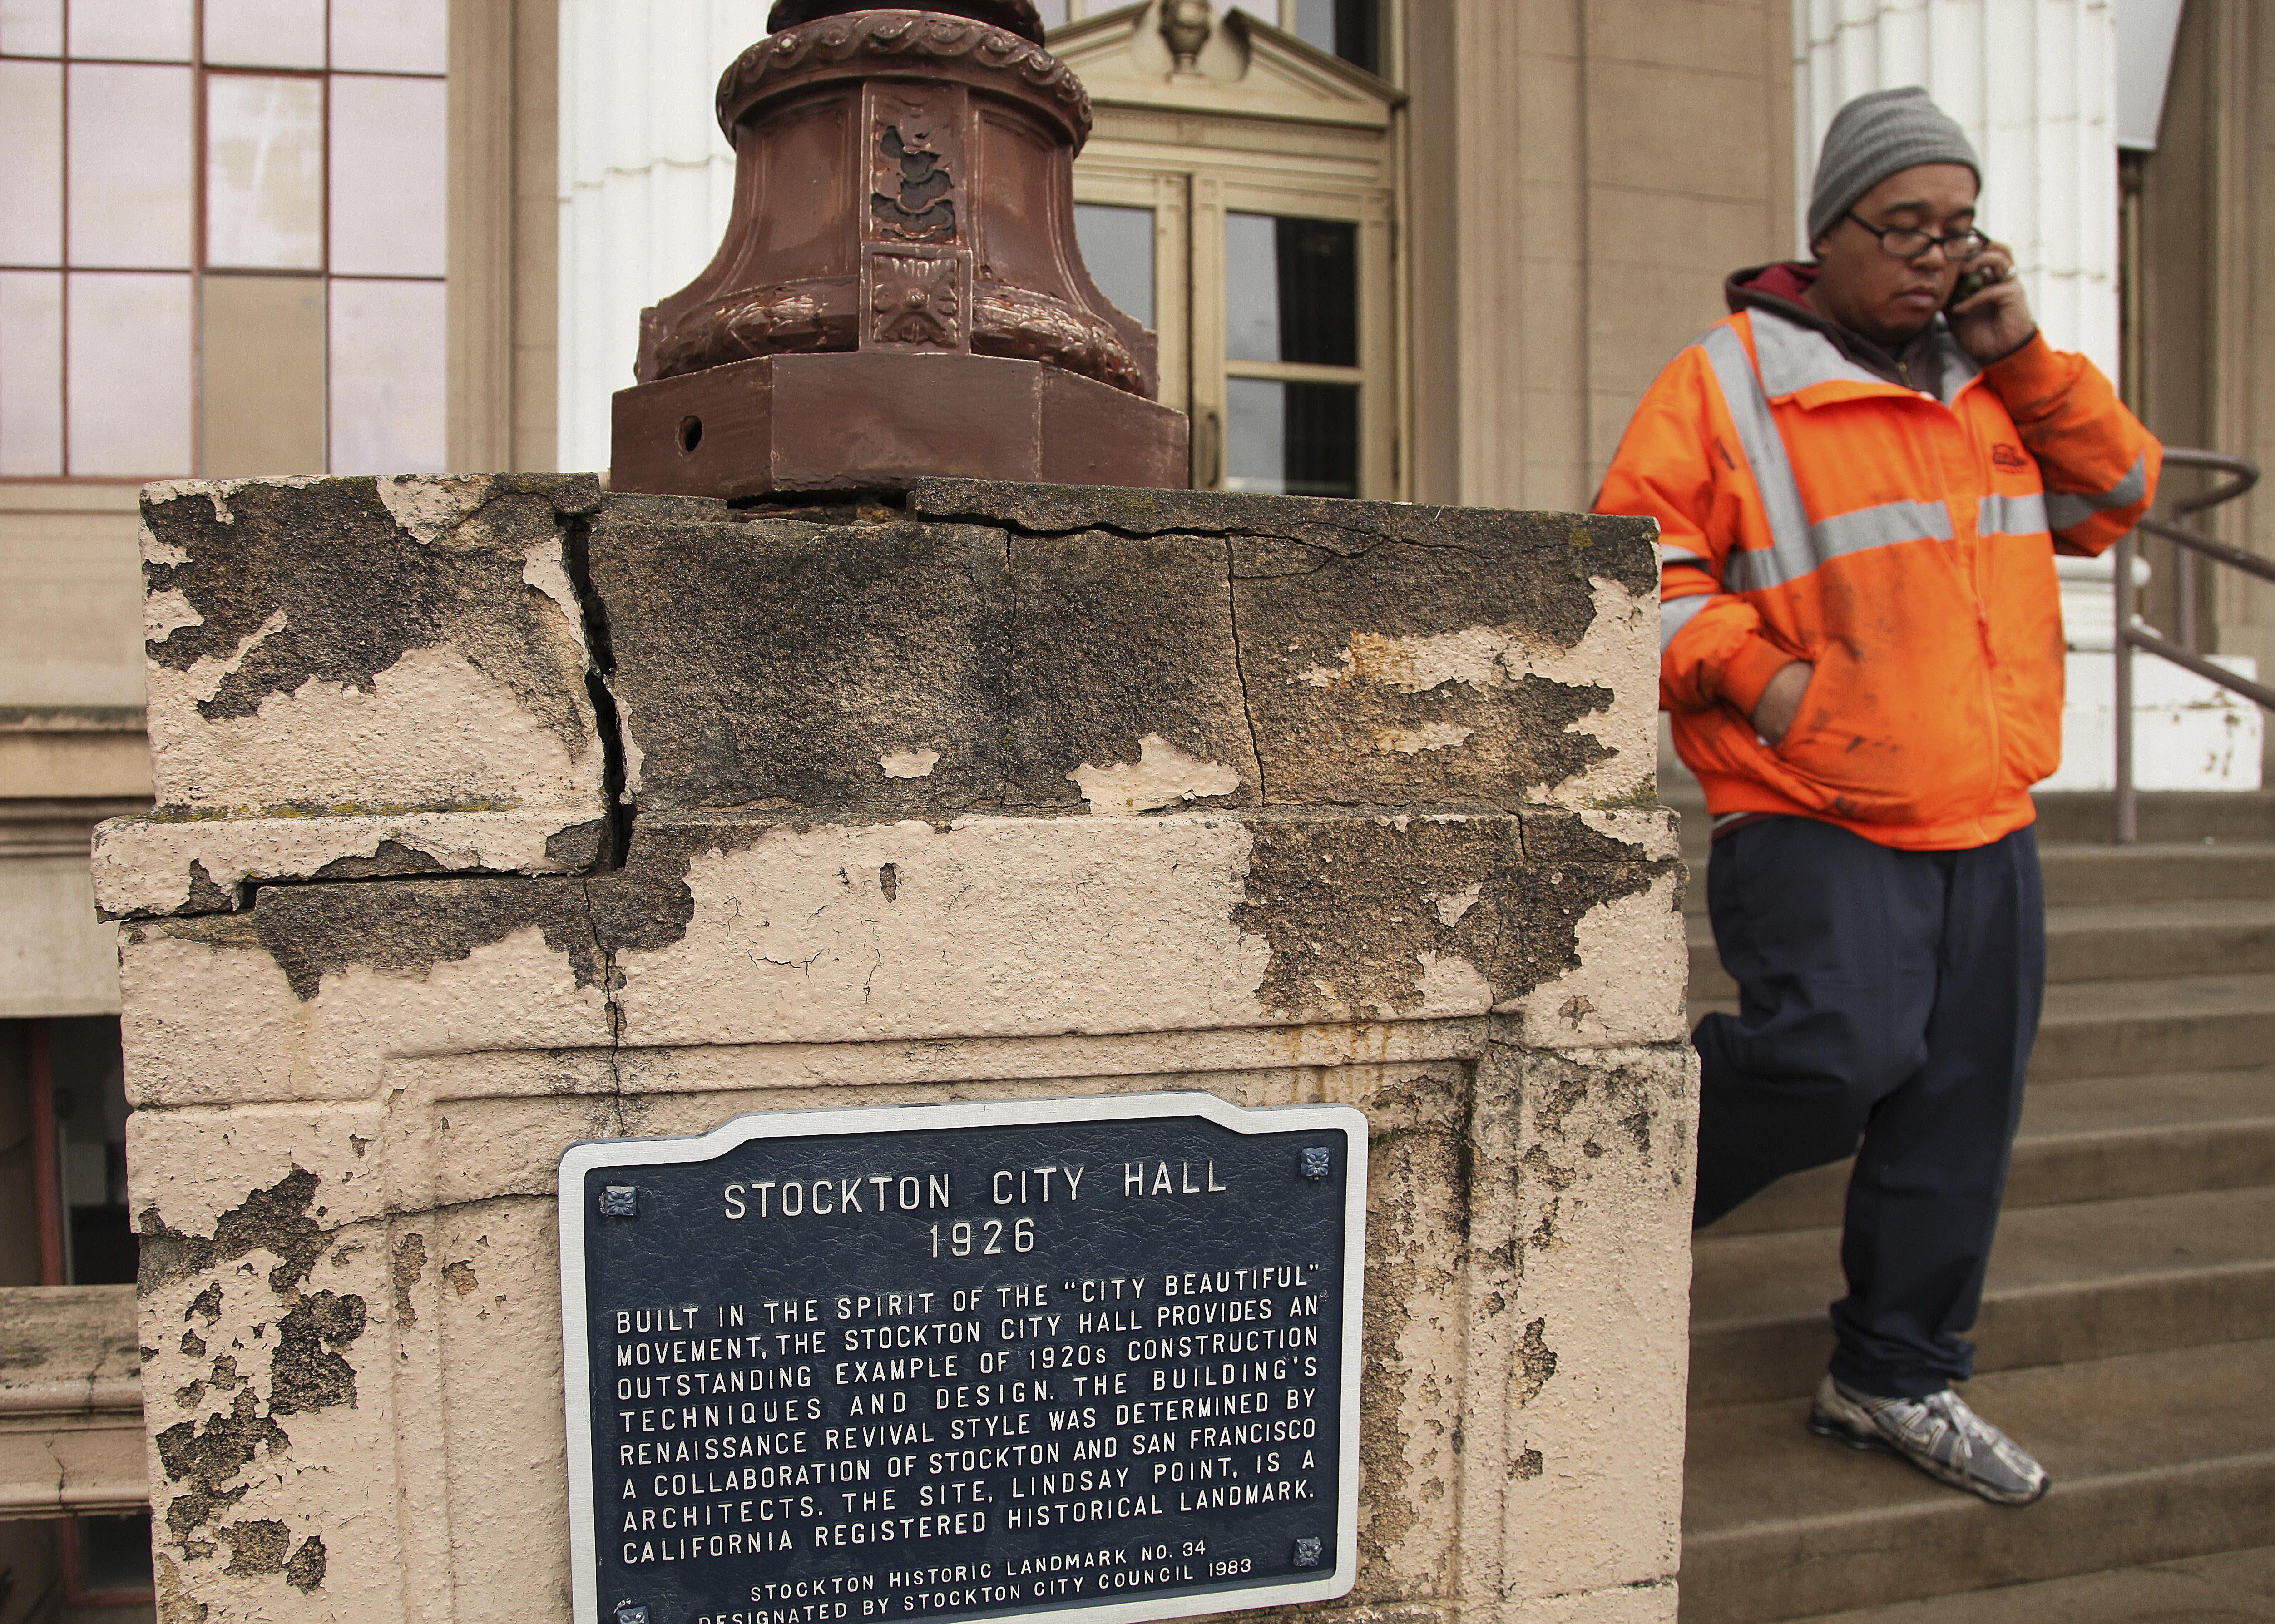 Un empleado municipal sale del ayuntamiento deStockton, en California (AP/Ben Margot, archivo)